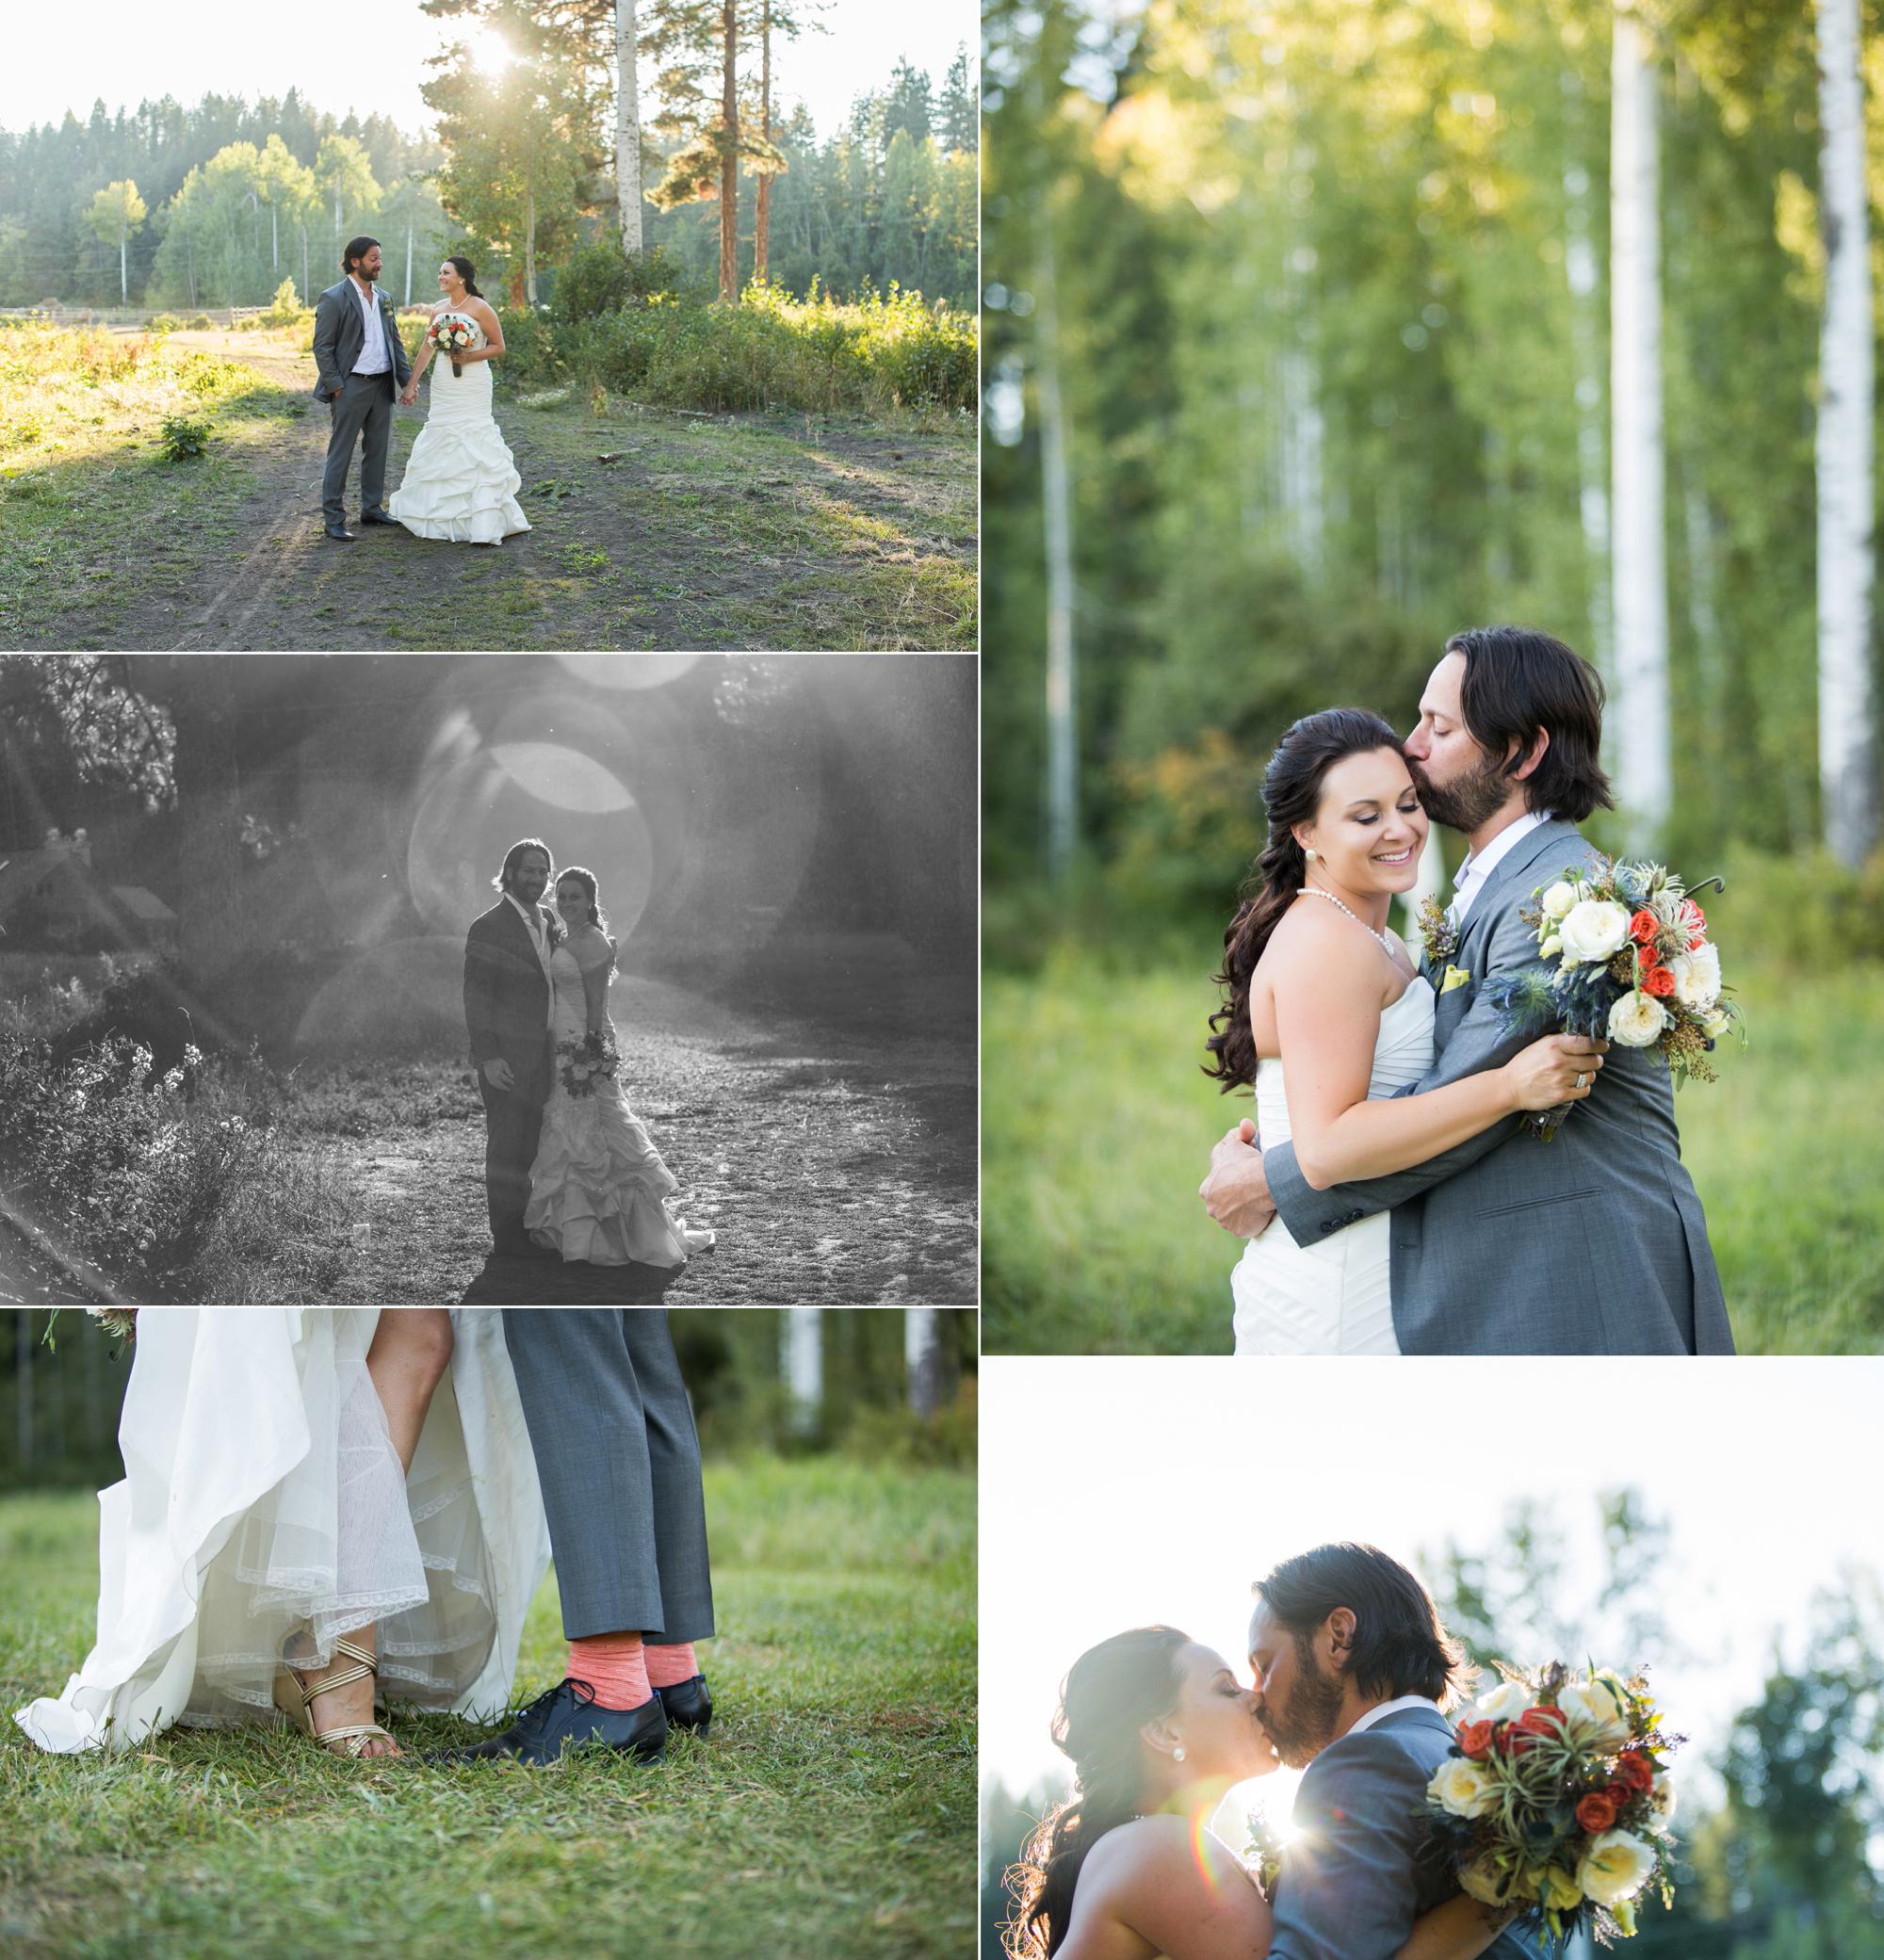 ashley vos photography seattle tacoma area wedding photographer_0841.jpg